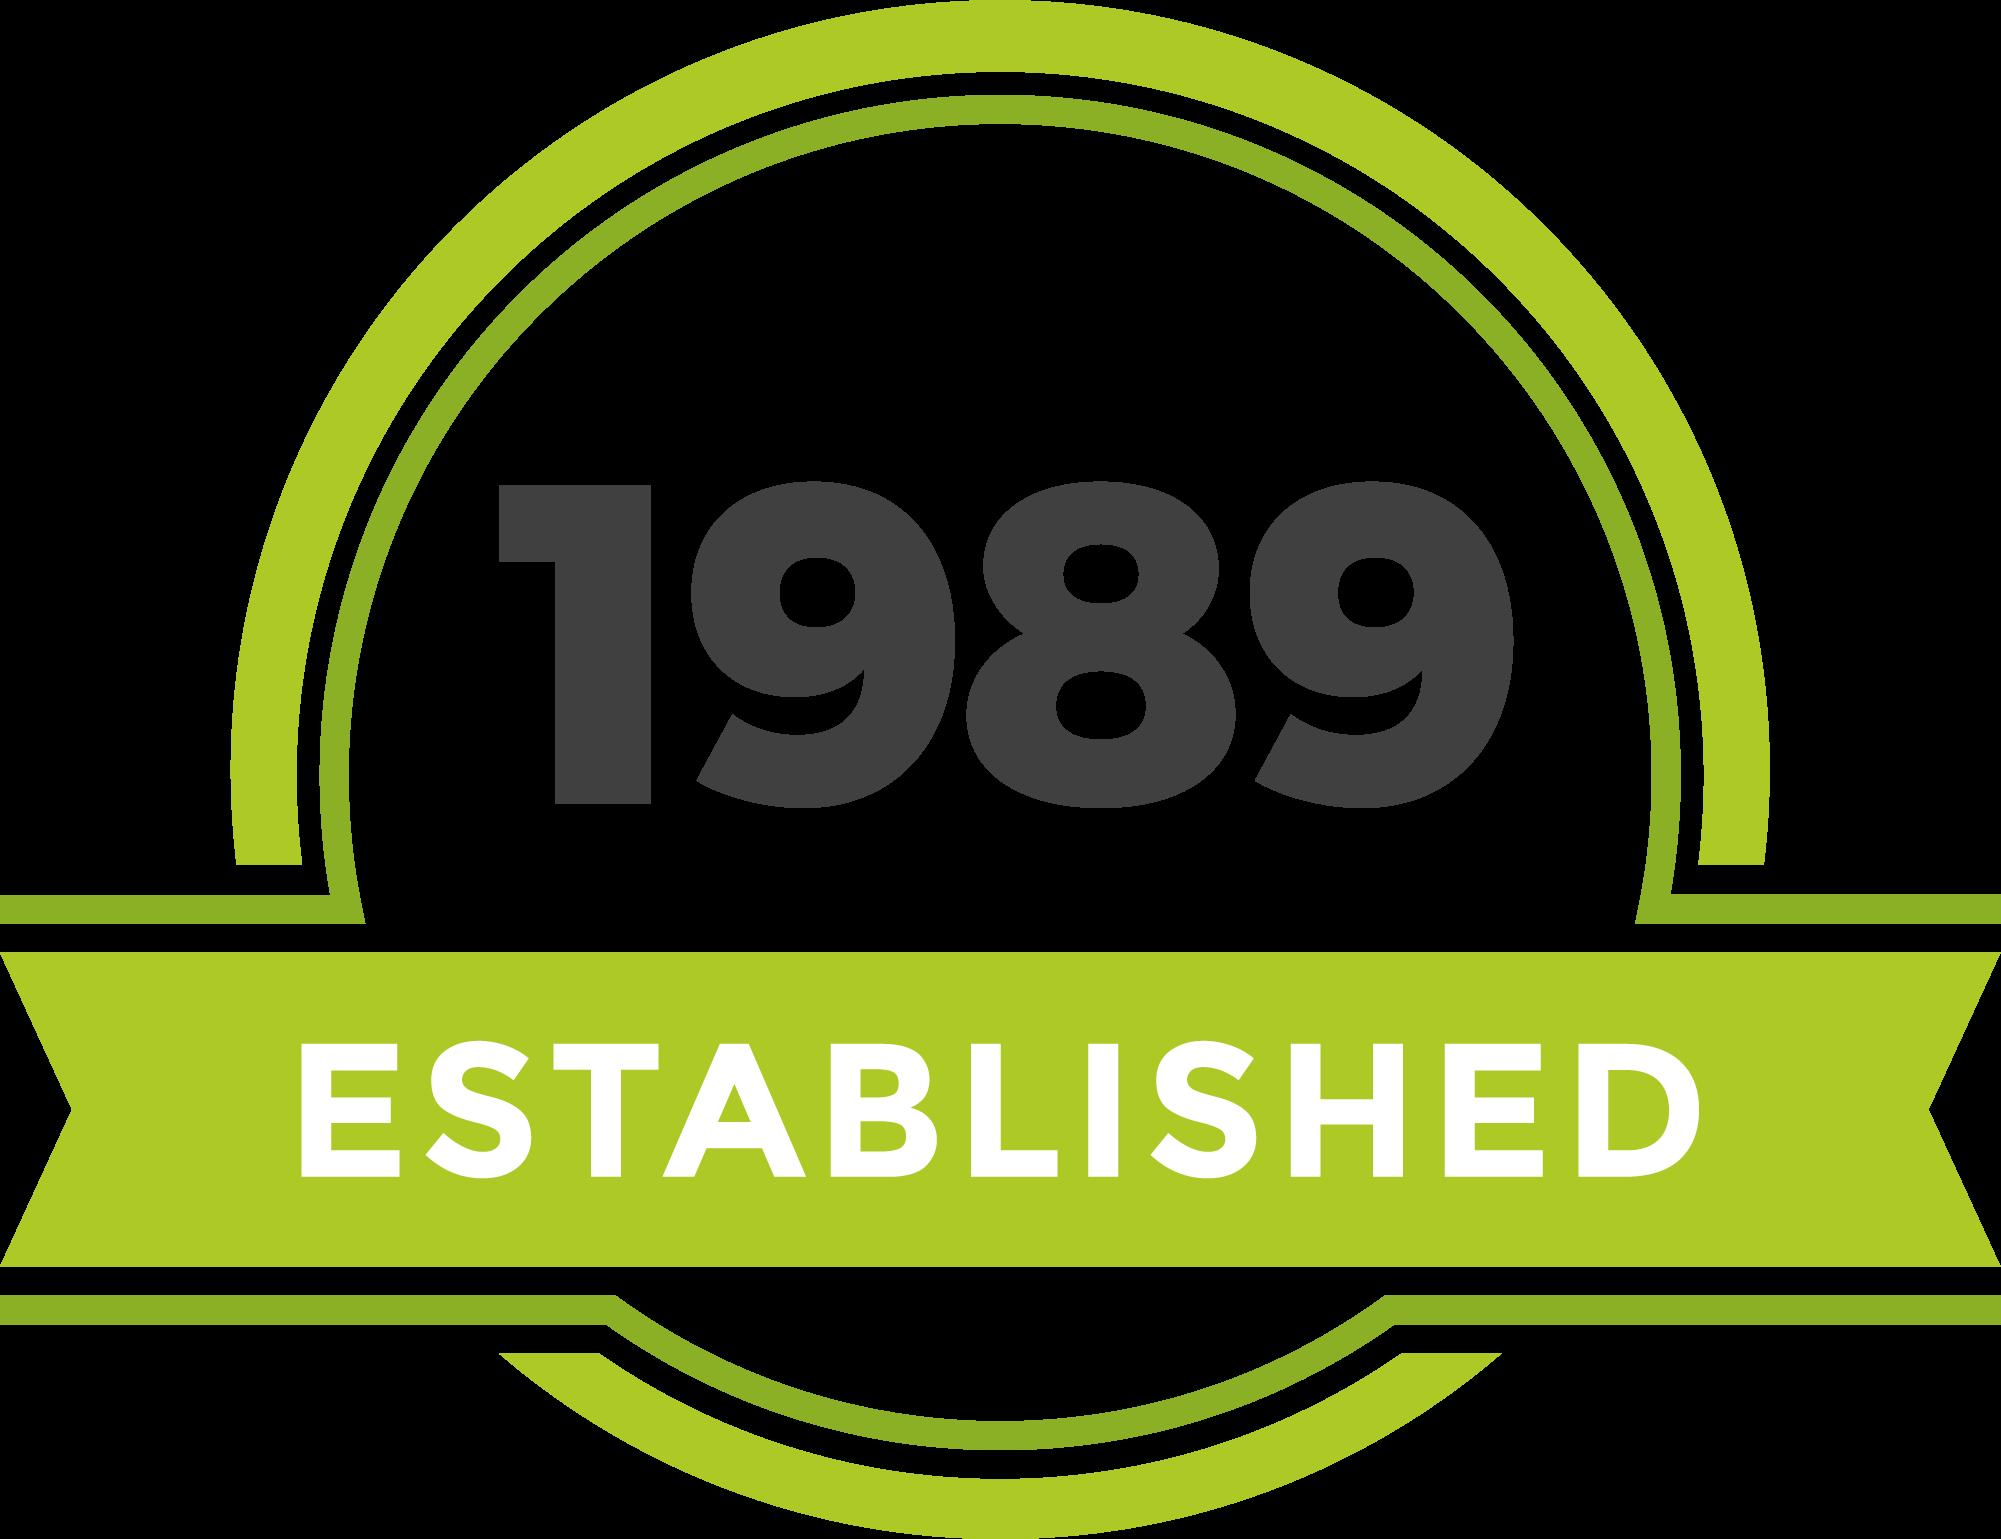 Established 1989